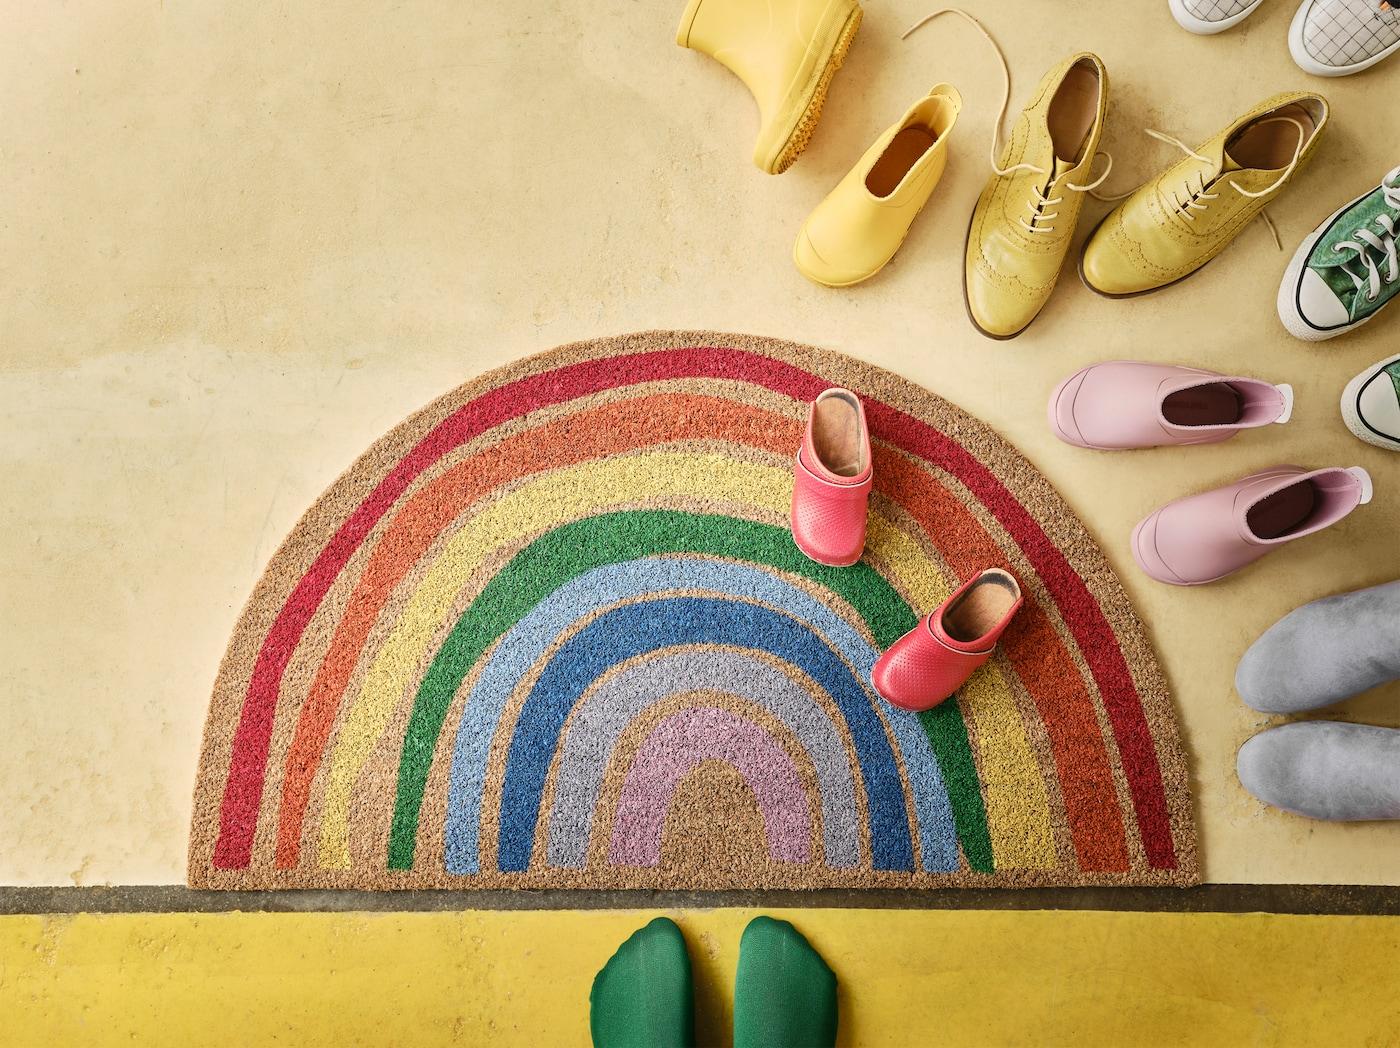 一块带有彩虹图案的PILLEMARK 皮利玛克 门垫铺在黄色的地板上,上面摆放着各种颜色的鞋子,还有一双穿着绿袜子的脚。